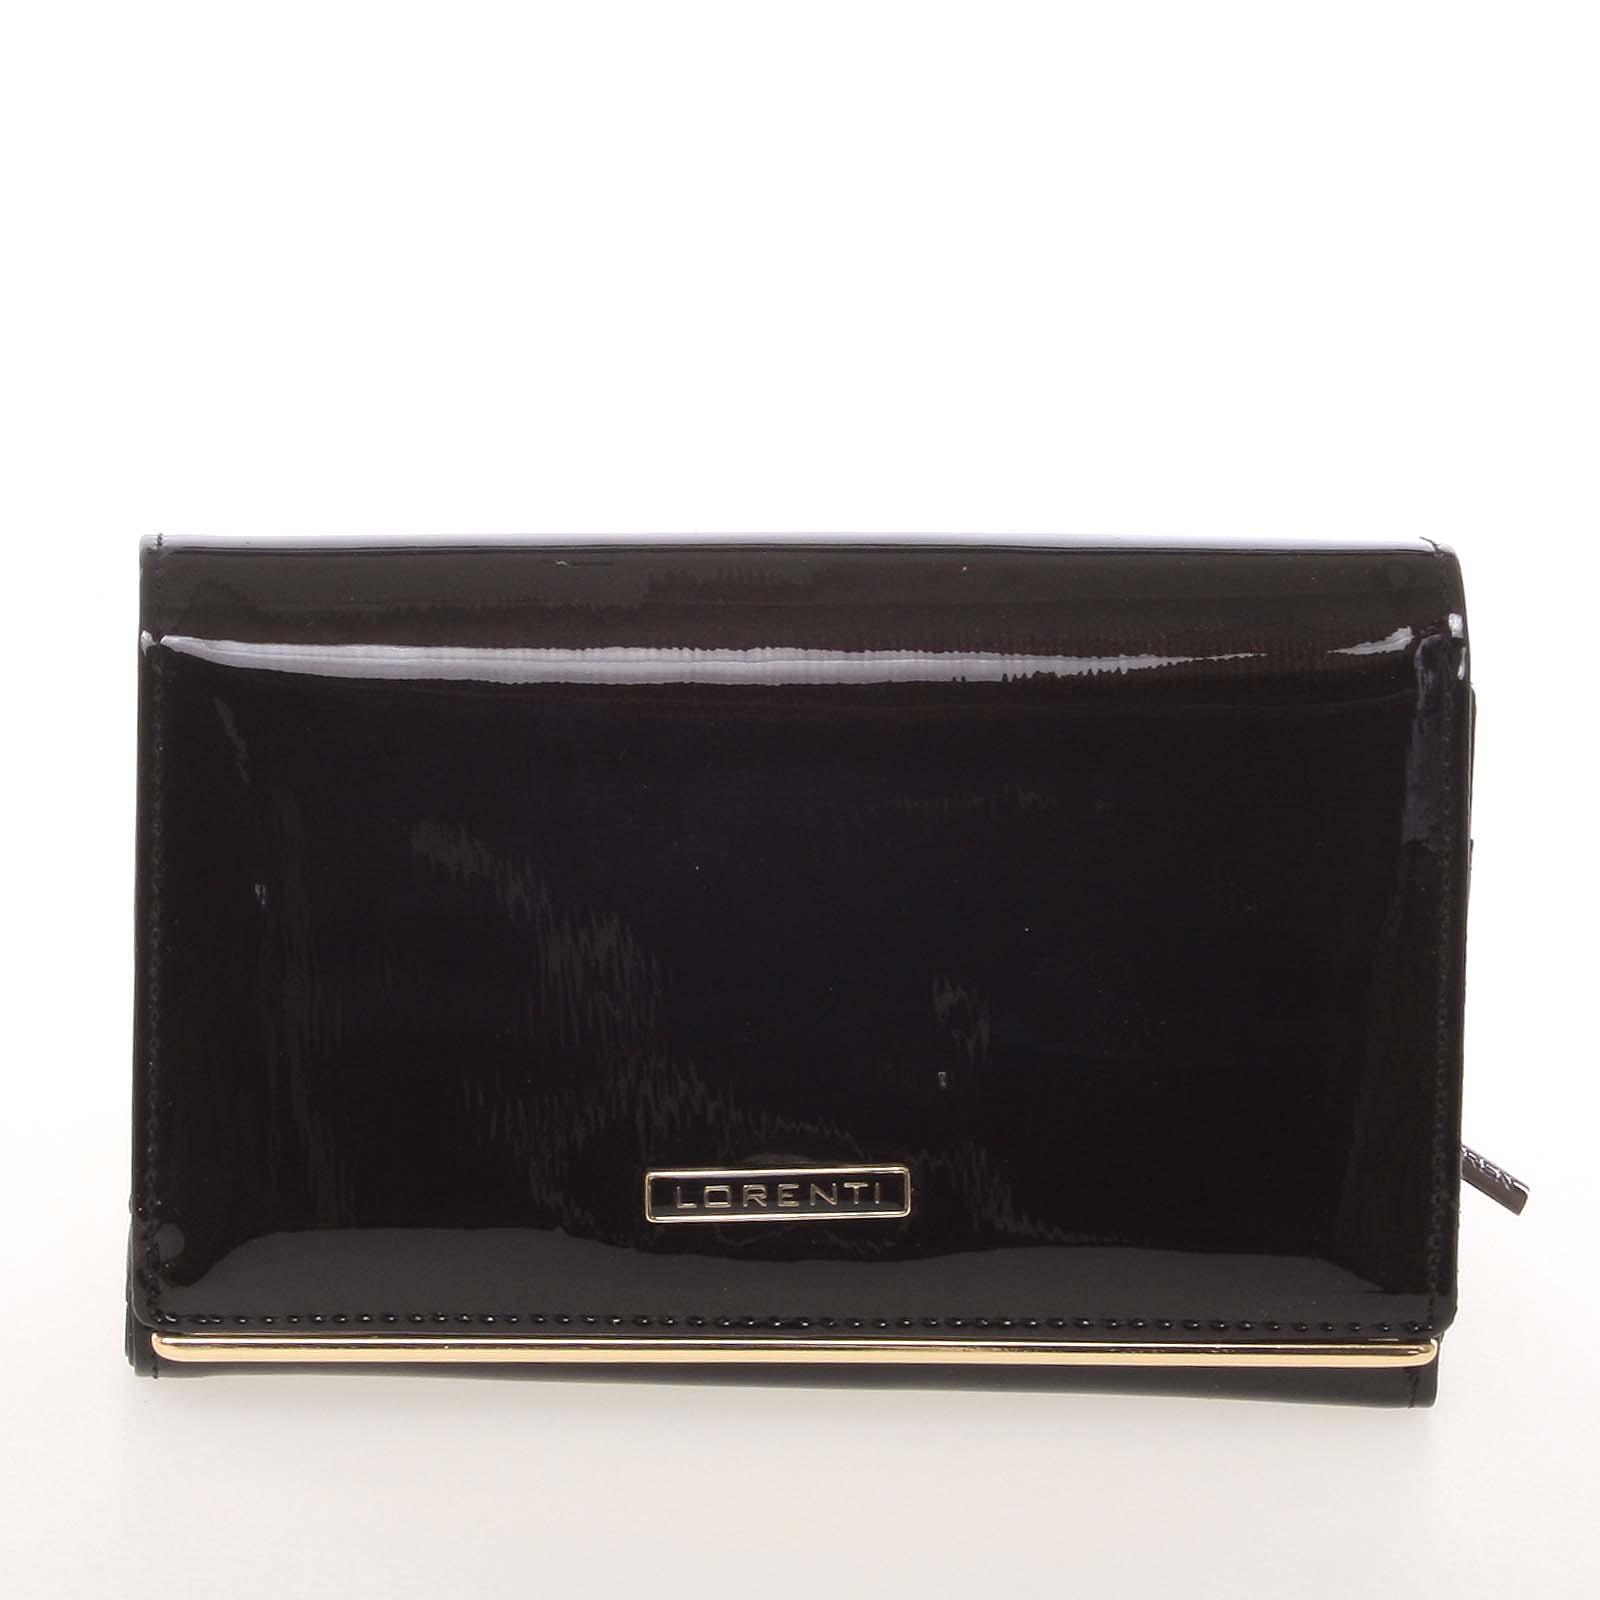 Luxusní kožená lakovaná černá peněženka - Lorenti 4112SH